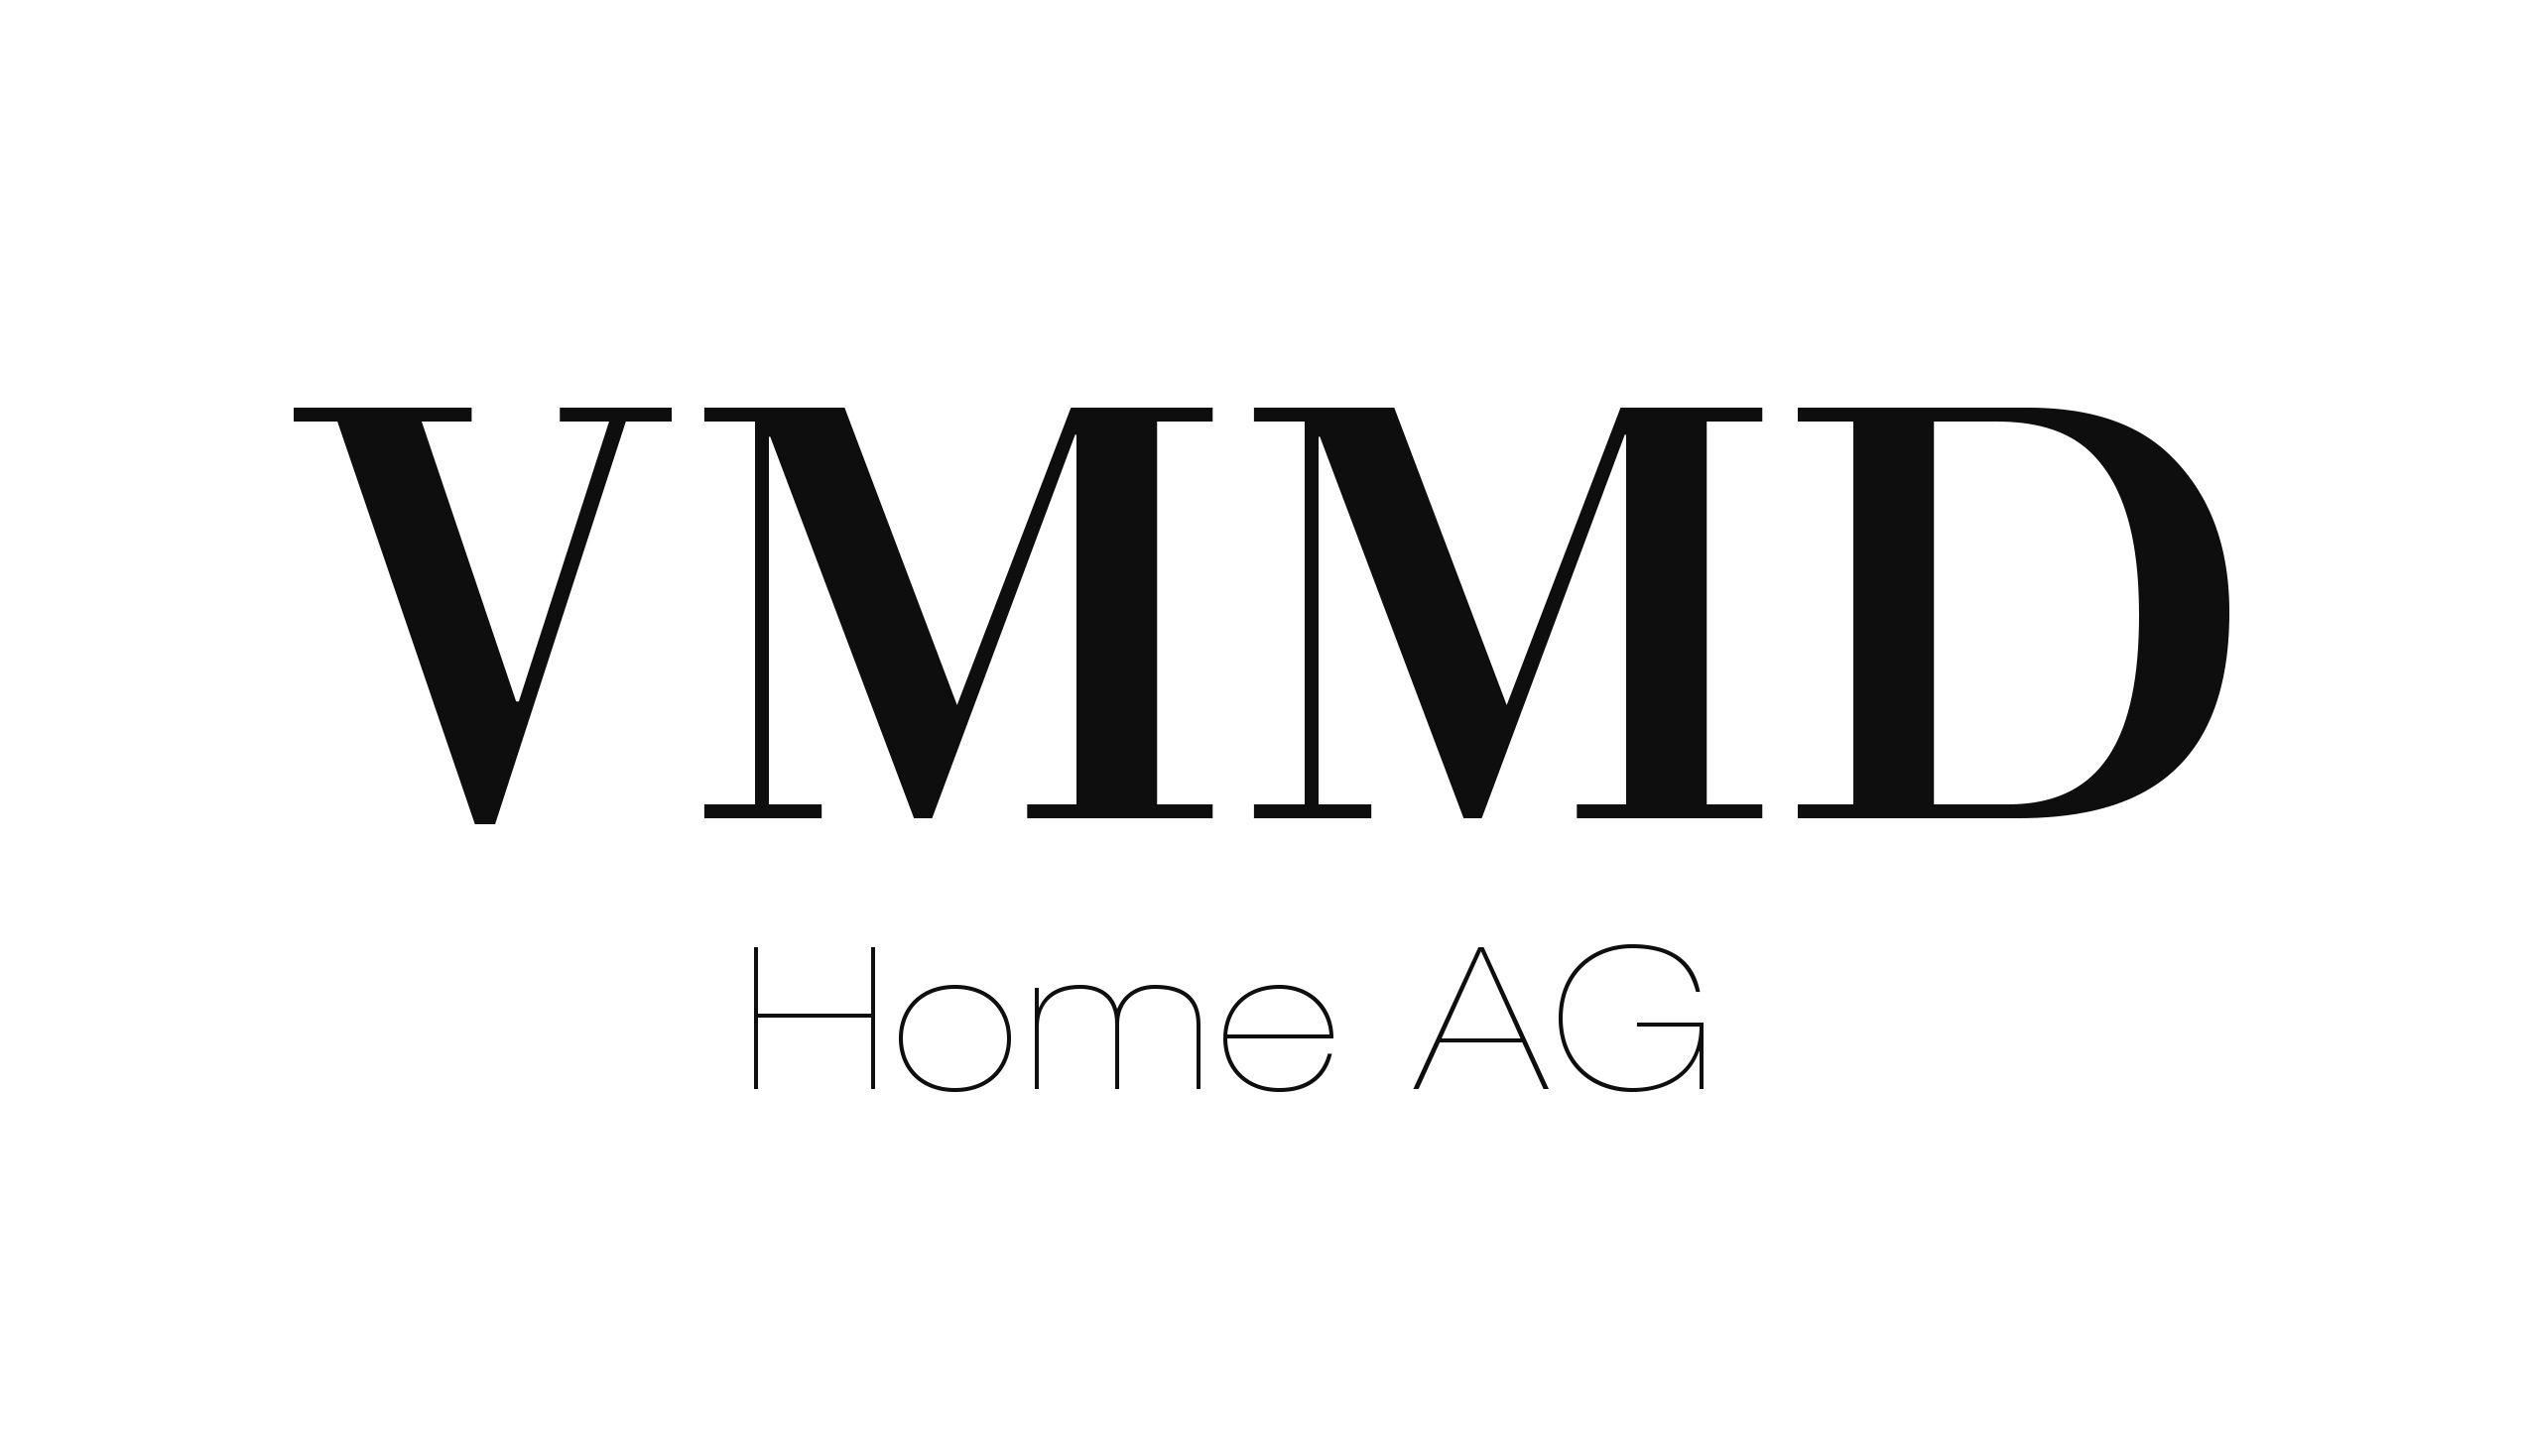 VMMD Home AG Logo